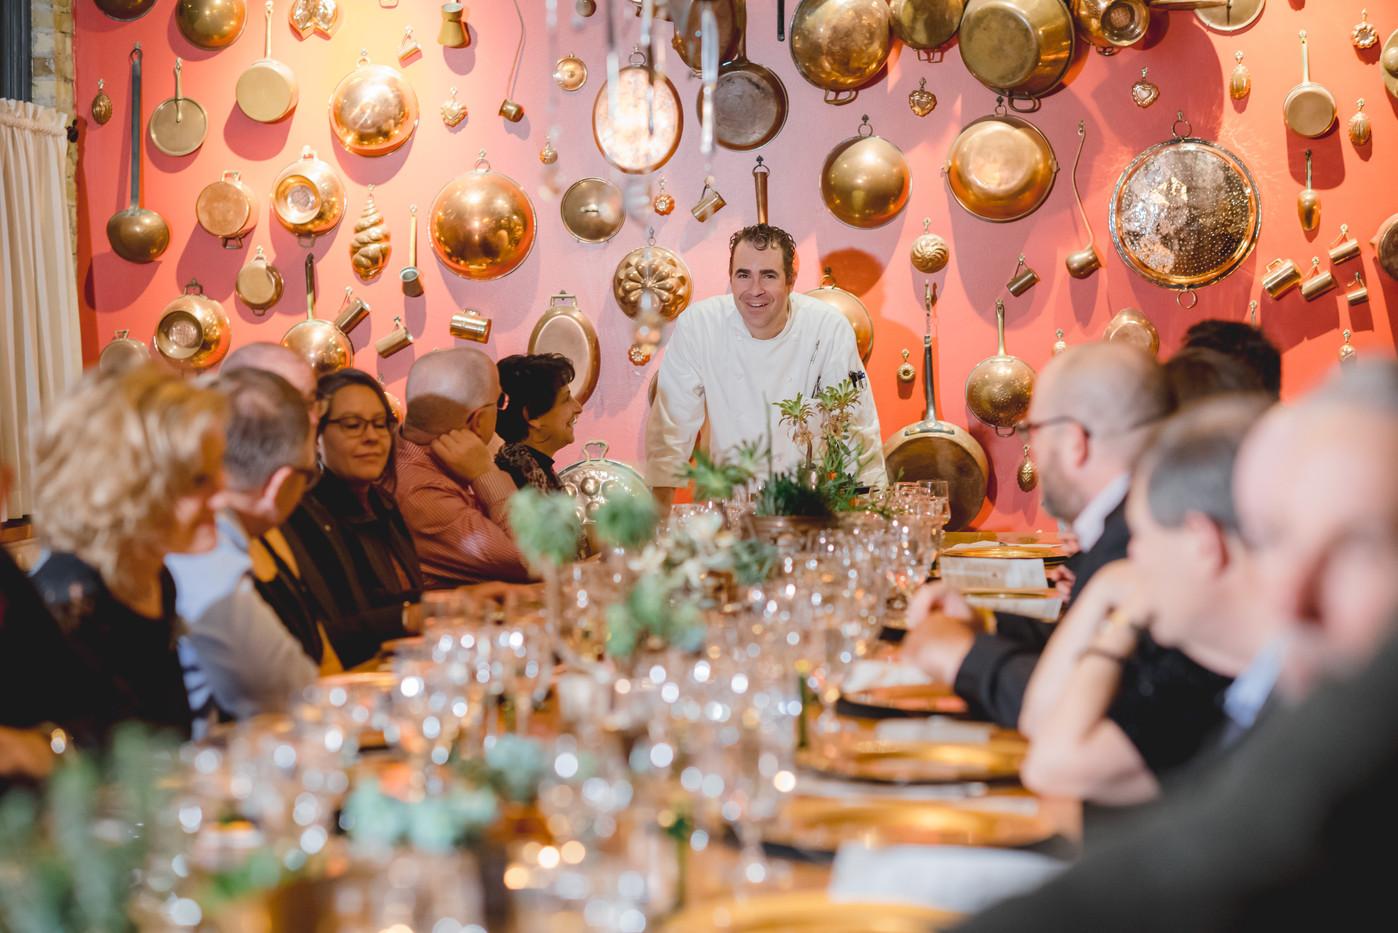 Chef David Speaking to the Menu